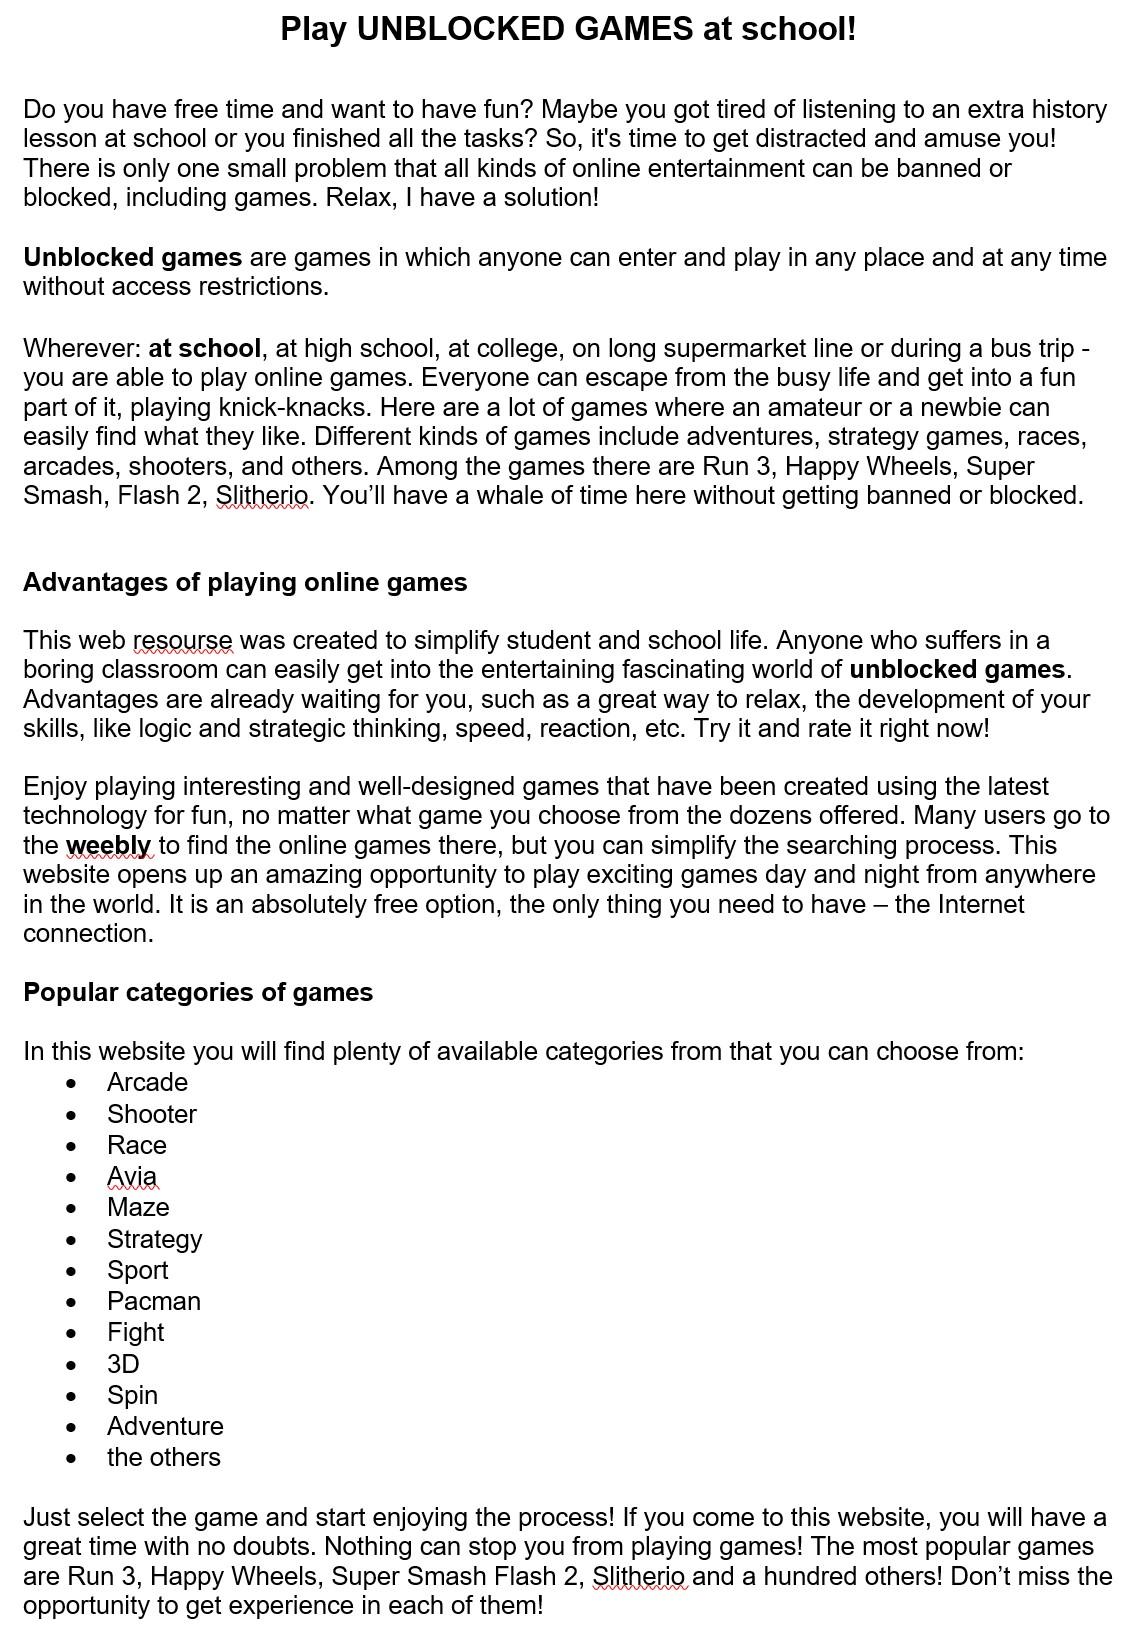 UNBLOCKED-GAMES.jpg